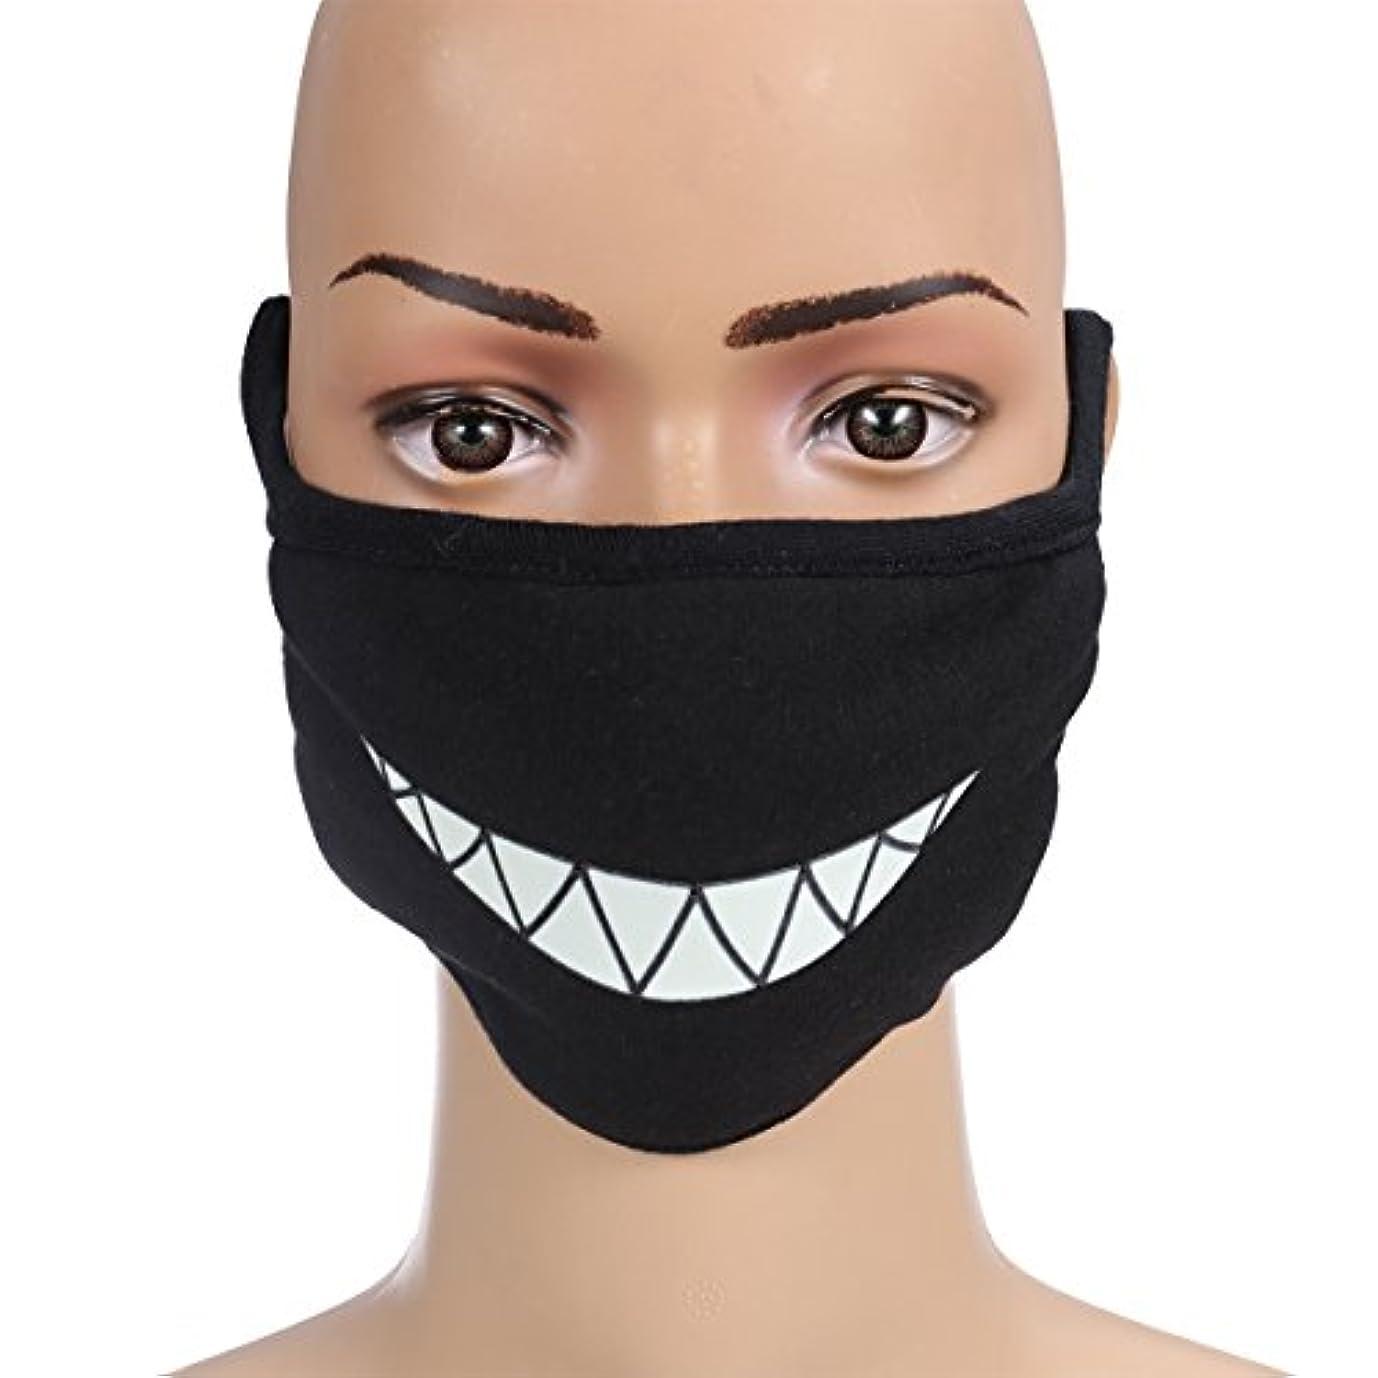 トリッキーラッシュ食欲Toyvian ハロウィンコスプレ用防塵口マスク綿の歯発光口マスク